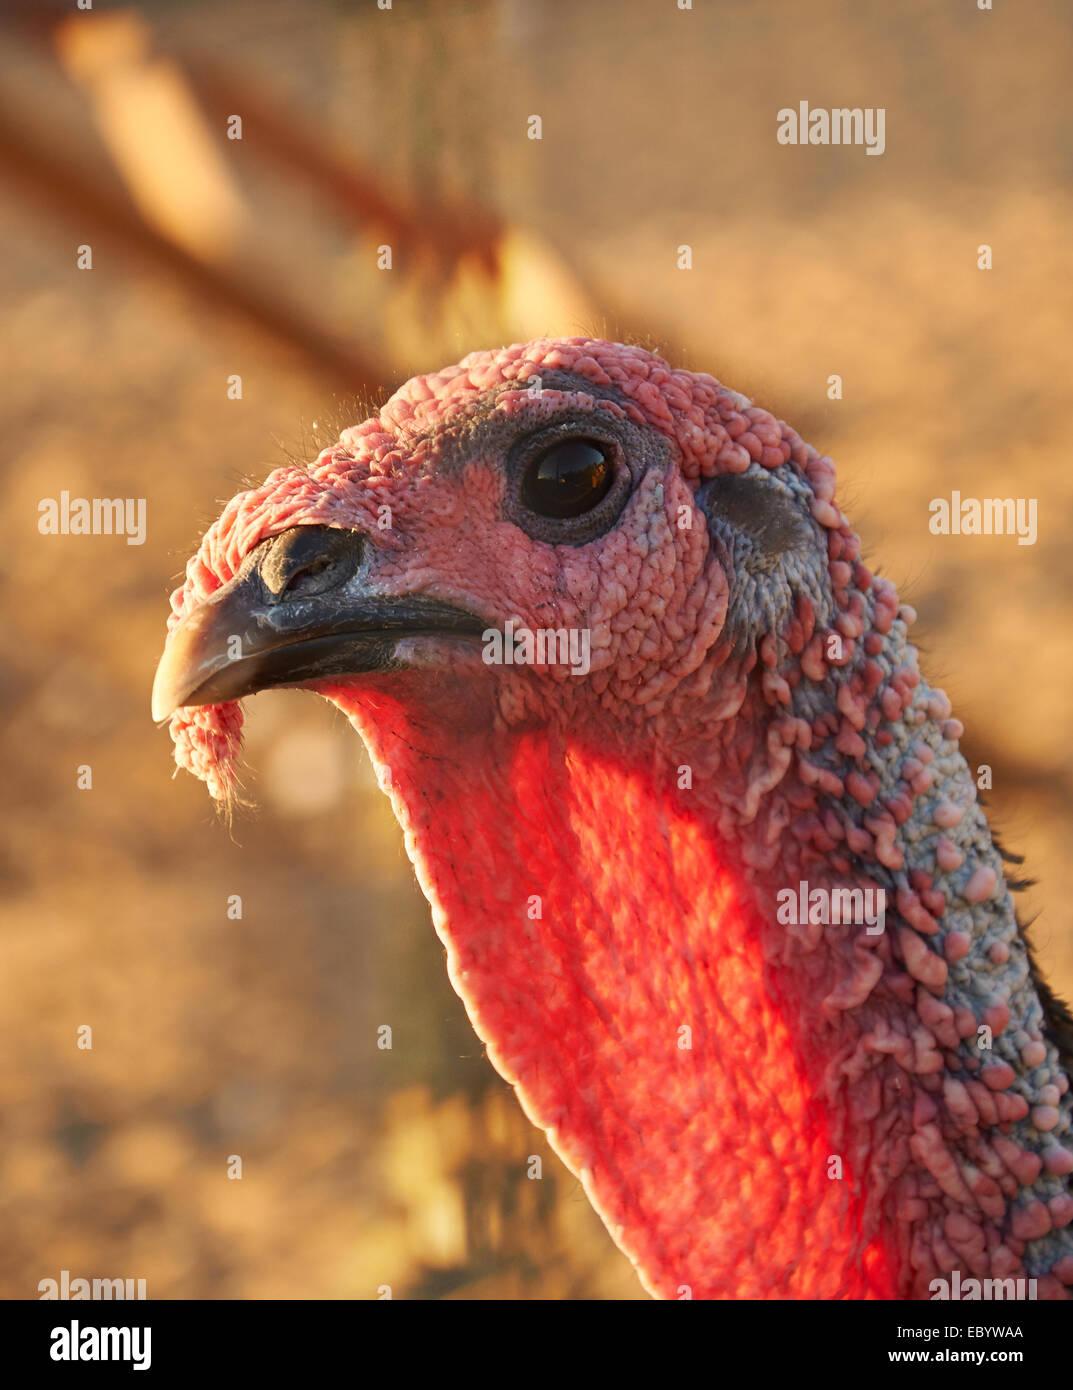 Cock head close ups